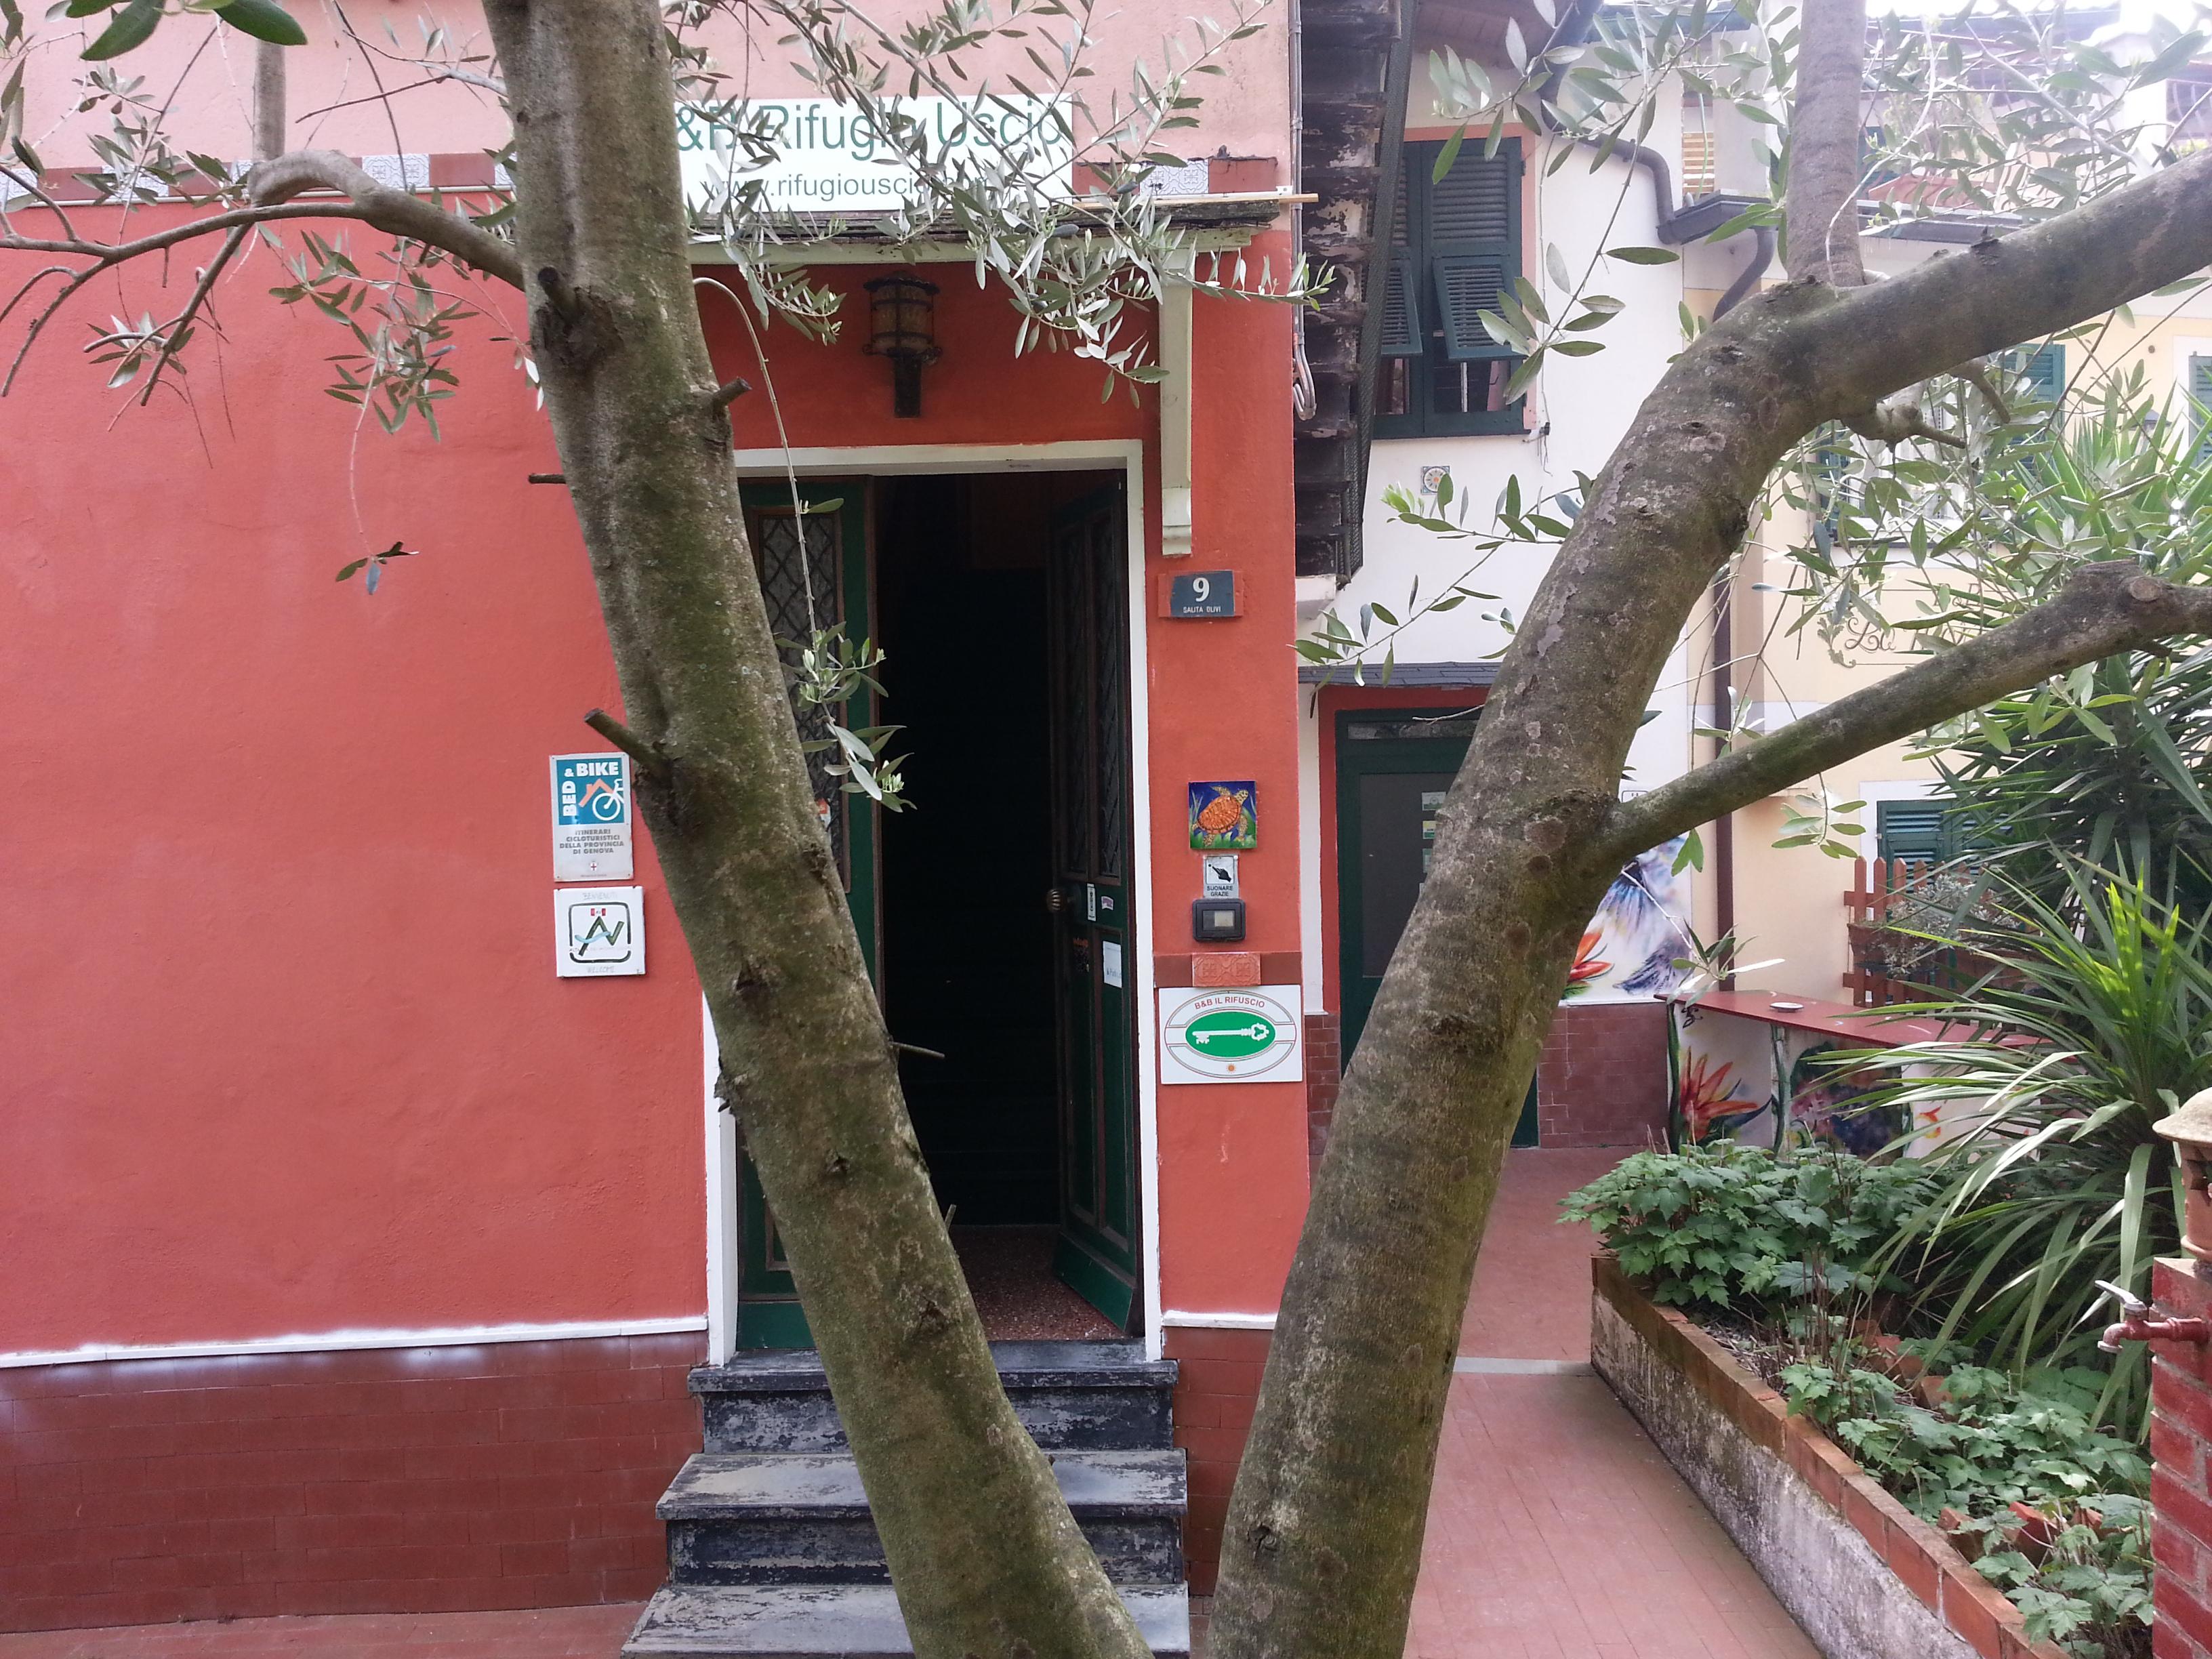 Chambre d' hotes rifugio uscio riviera italienne avec jardin 9 km ...